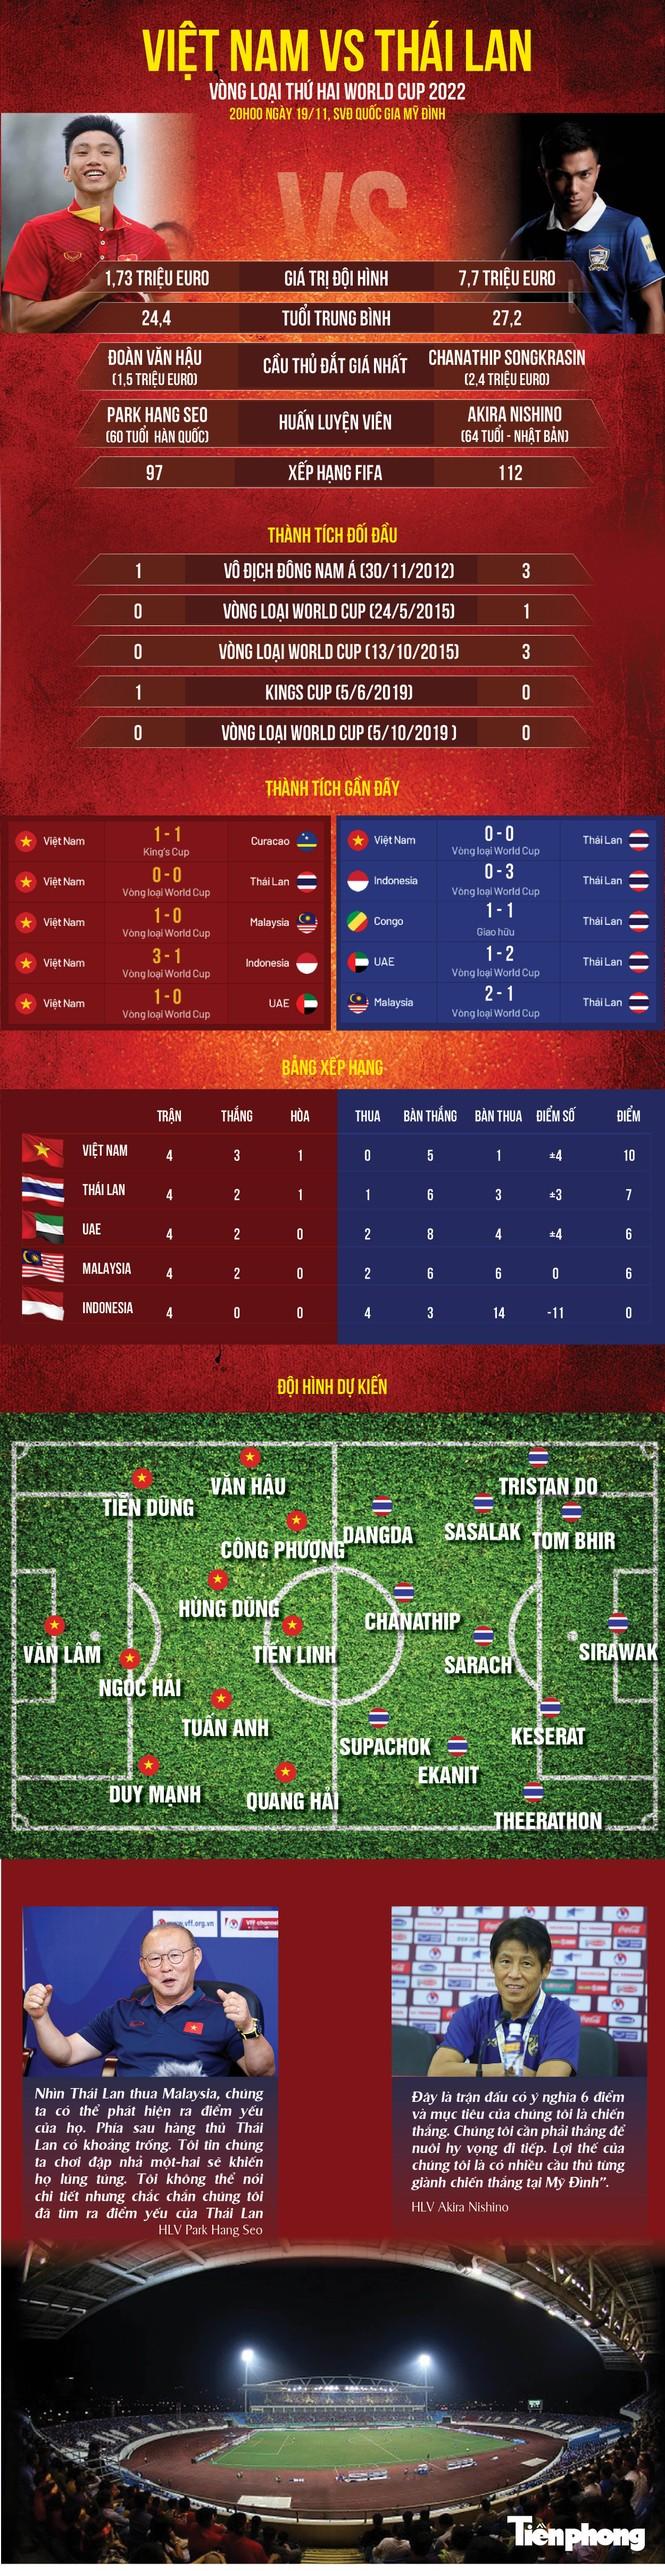 Bàn thắng không được công nhận, tuyển Việt Nam chia điểm với Thái Lan - ảnh 1